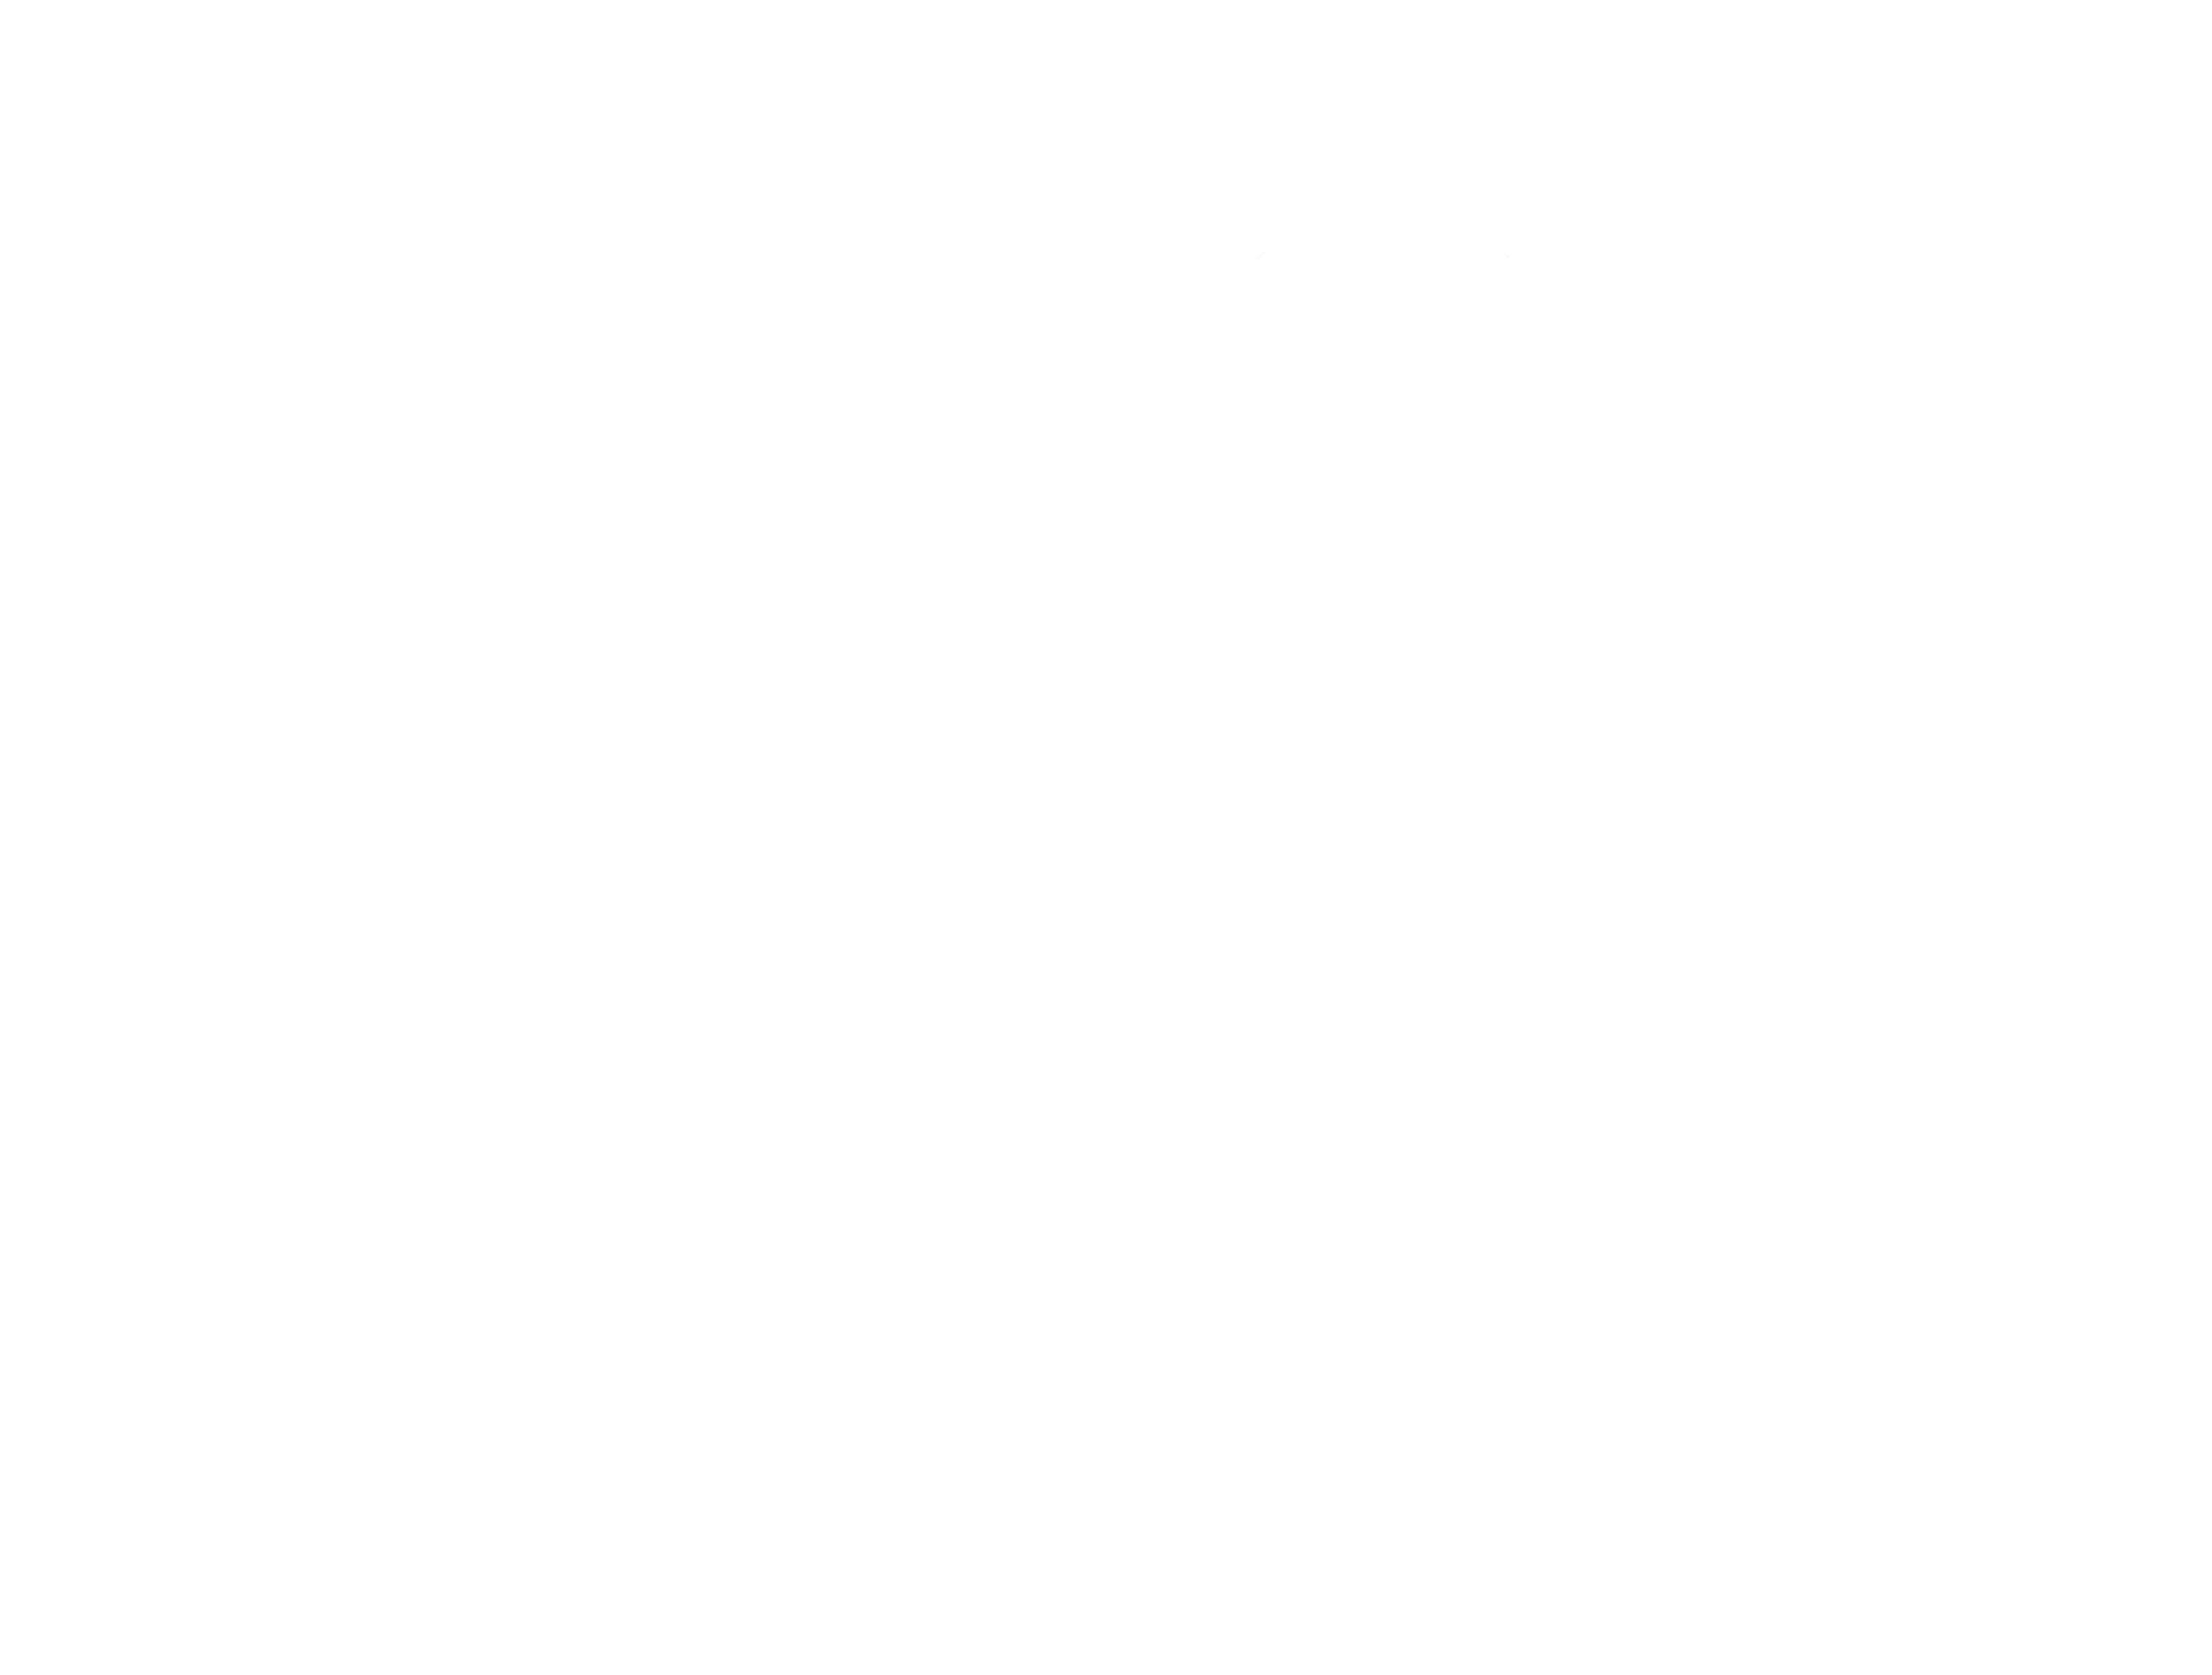 Seidat Google analytics integration